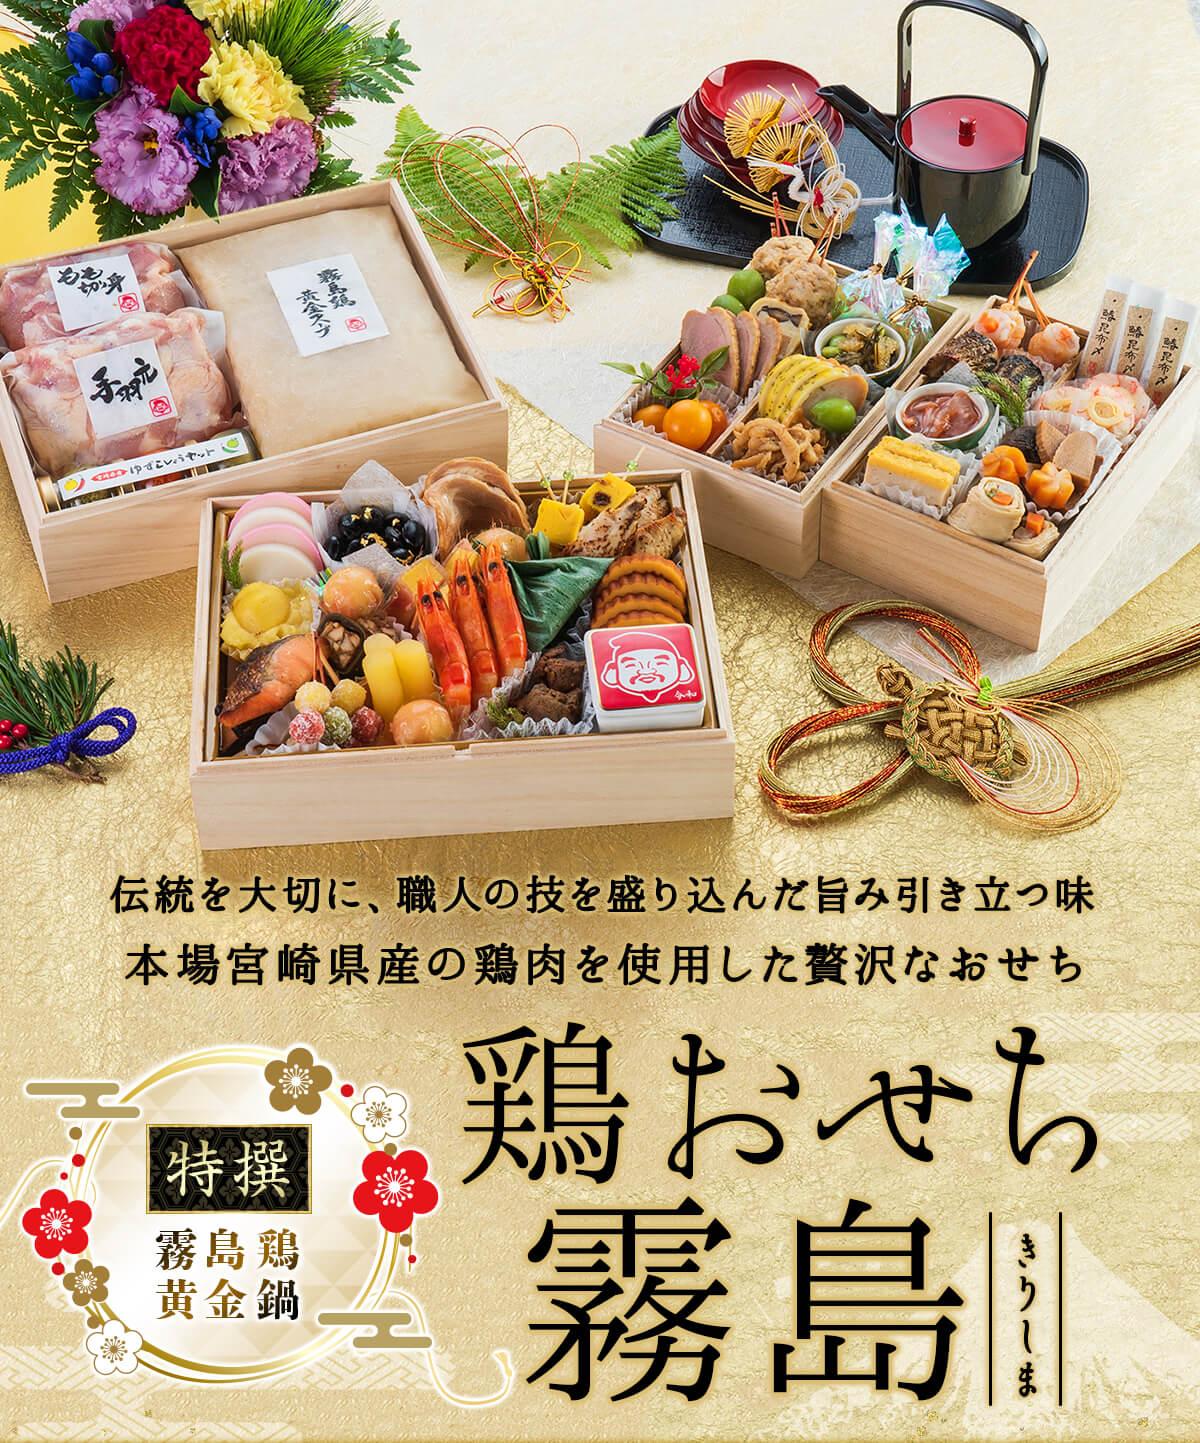 本場宮崎県産の鶏肉を使用した贅沢なおせち 鶏おせち霧島